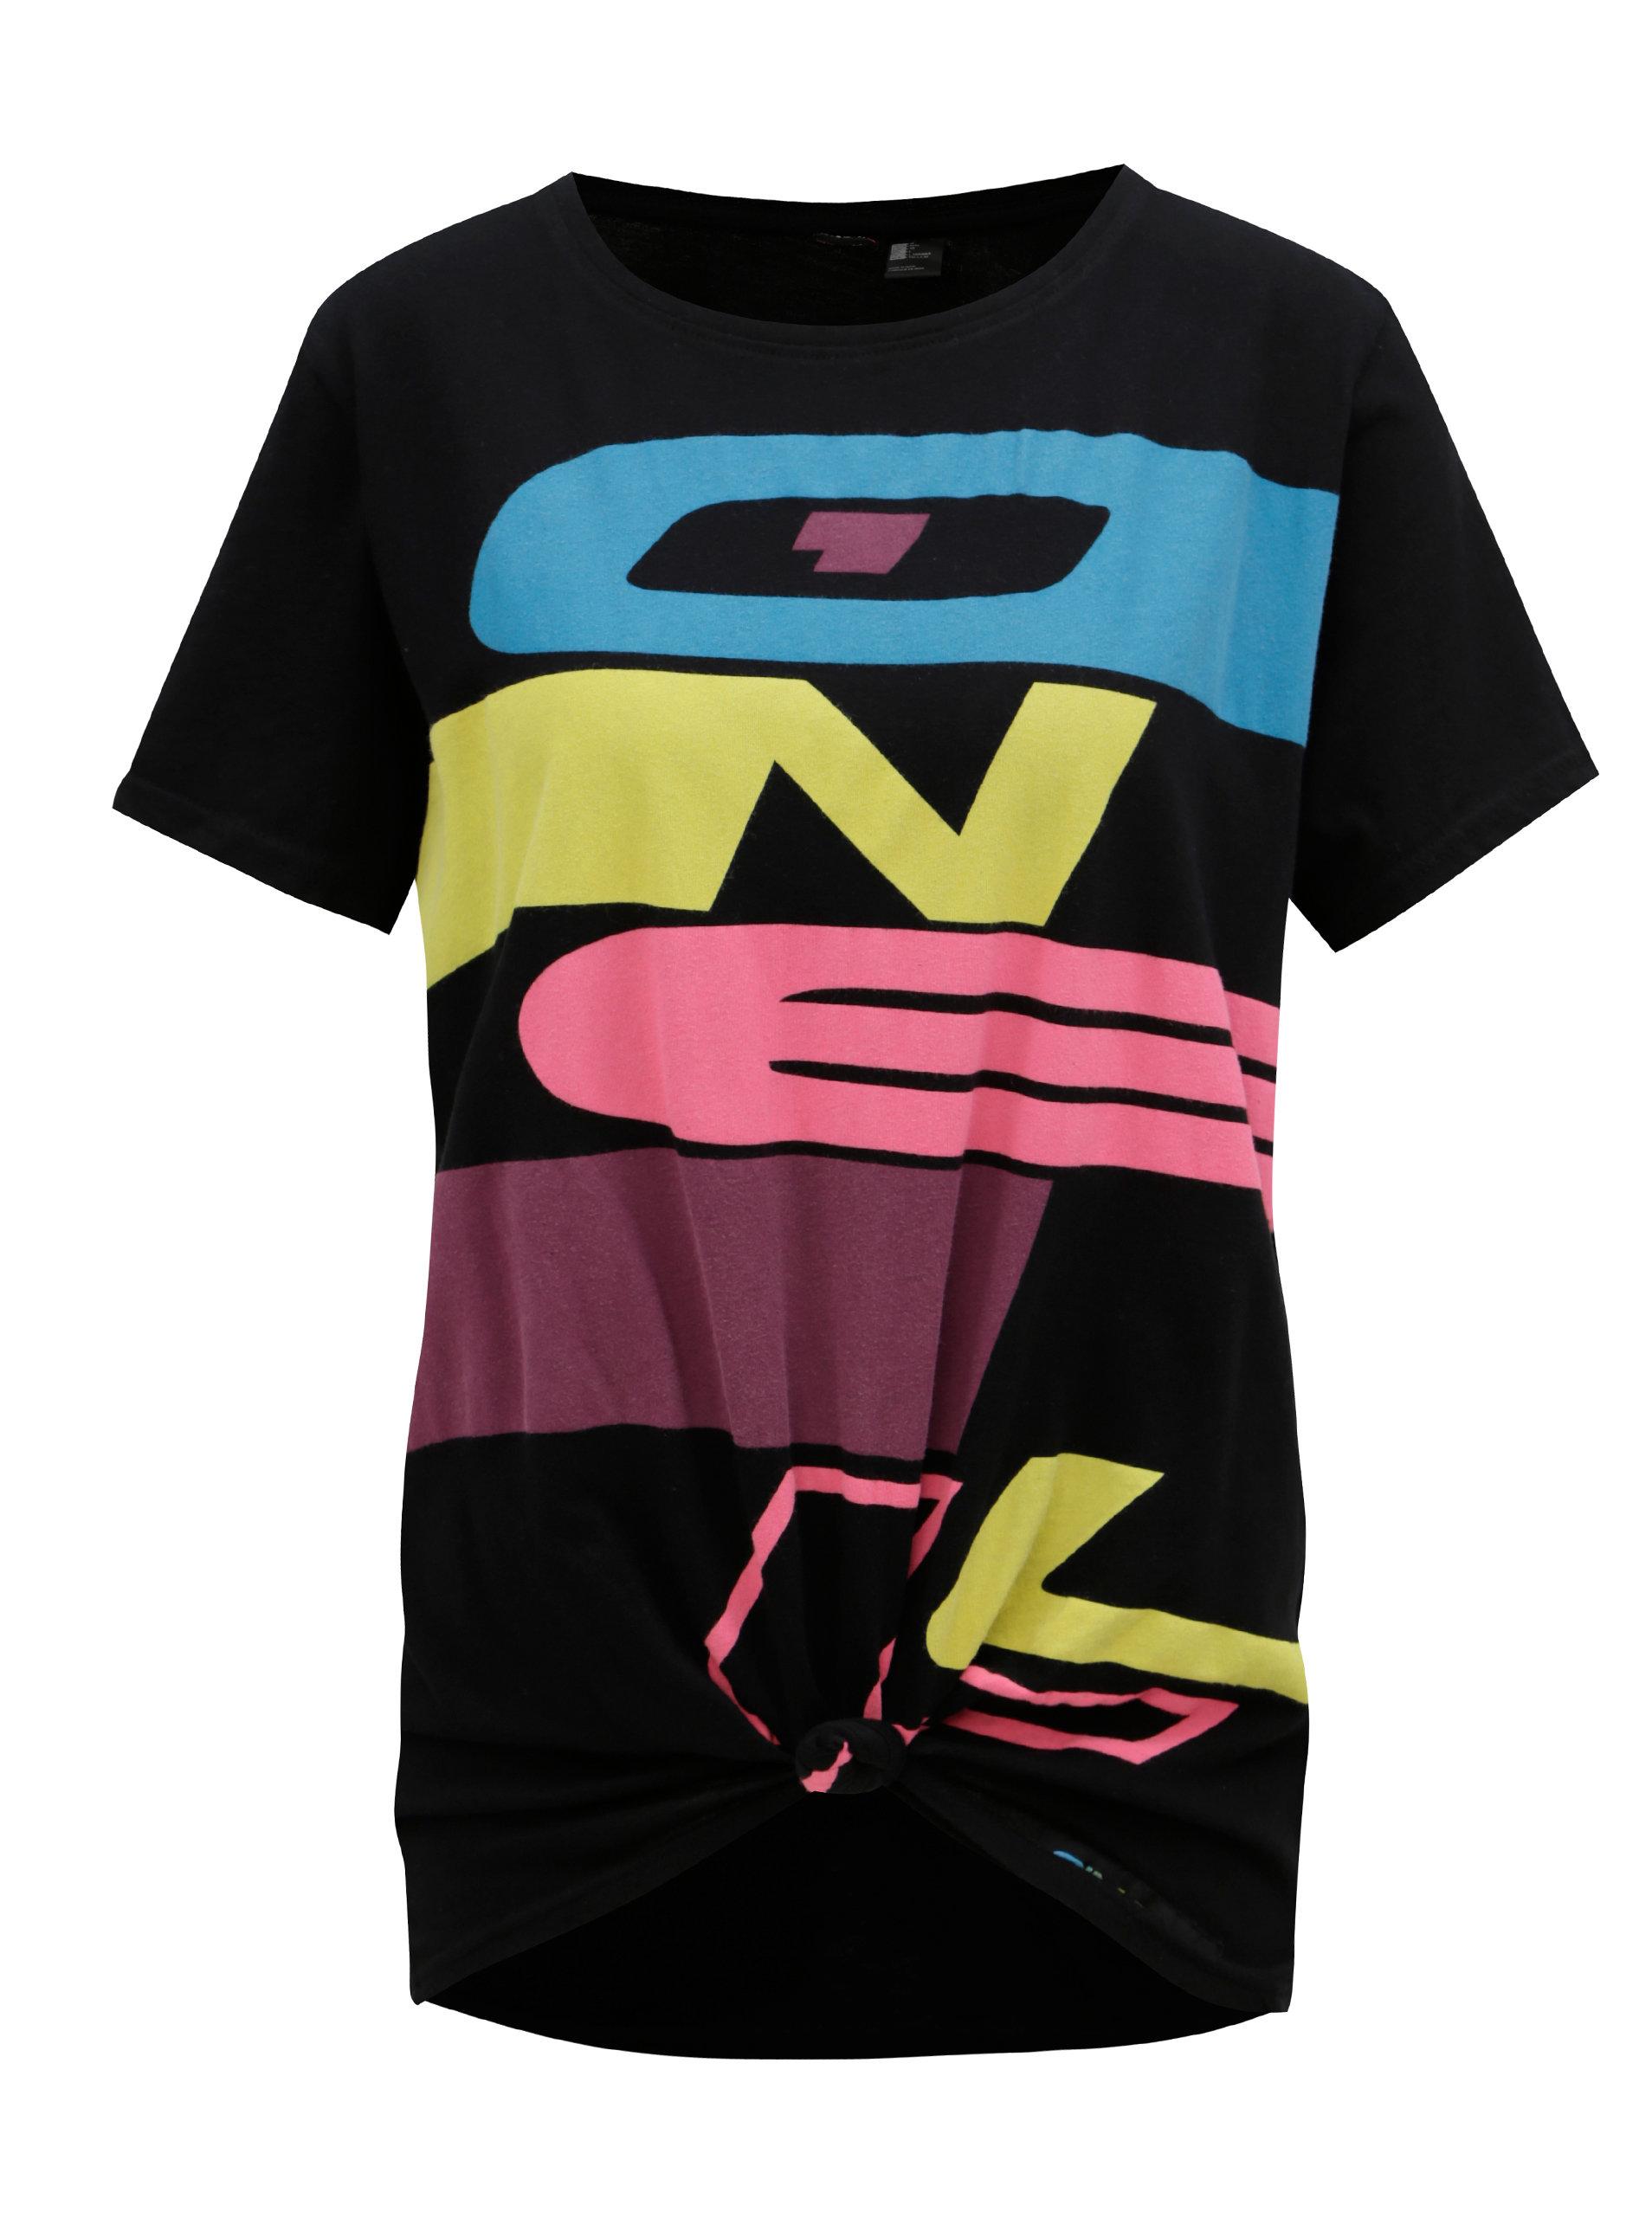 Černé dámské tričko s potiskem a uzlem O Neill Issue ... 837a8611a4